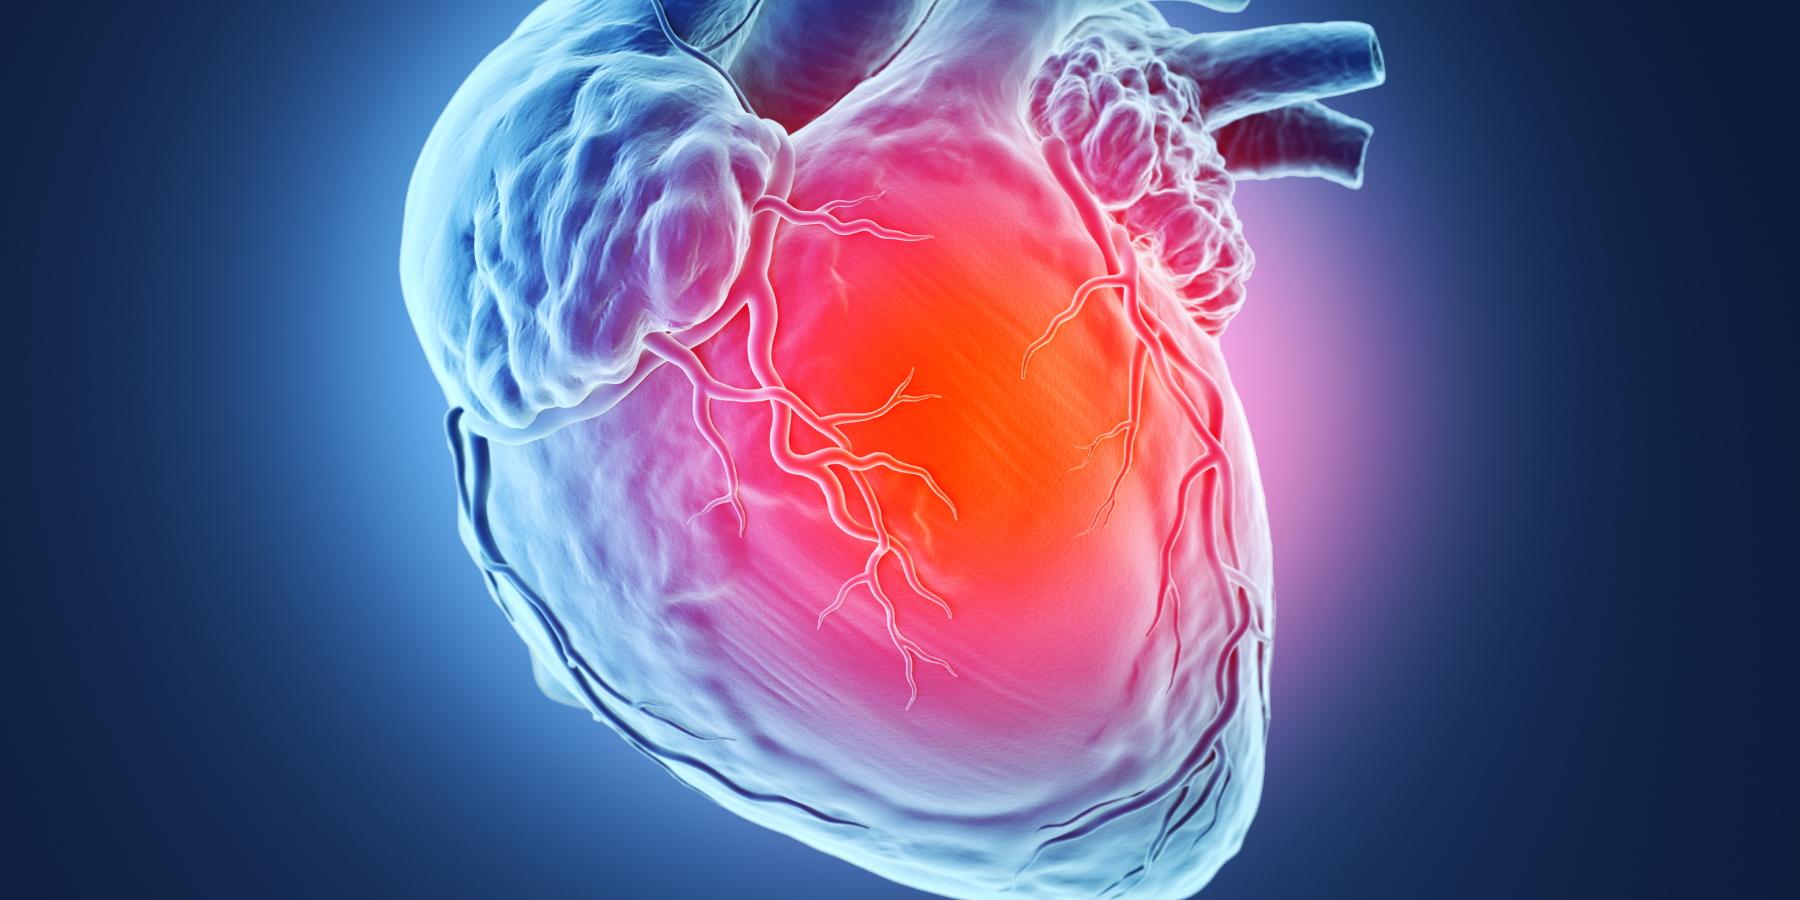 RNA to repair a heart